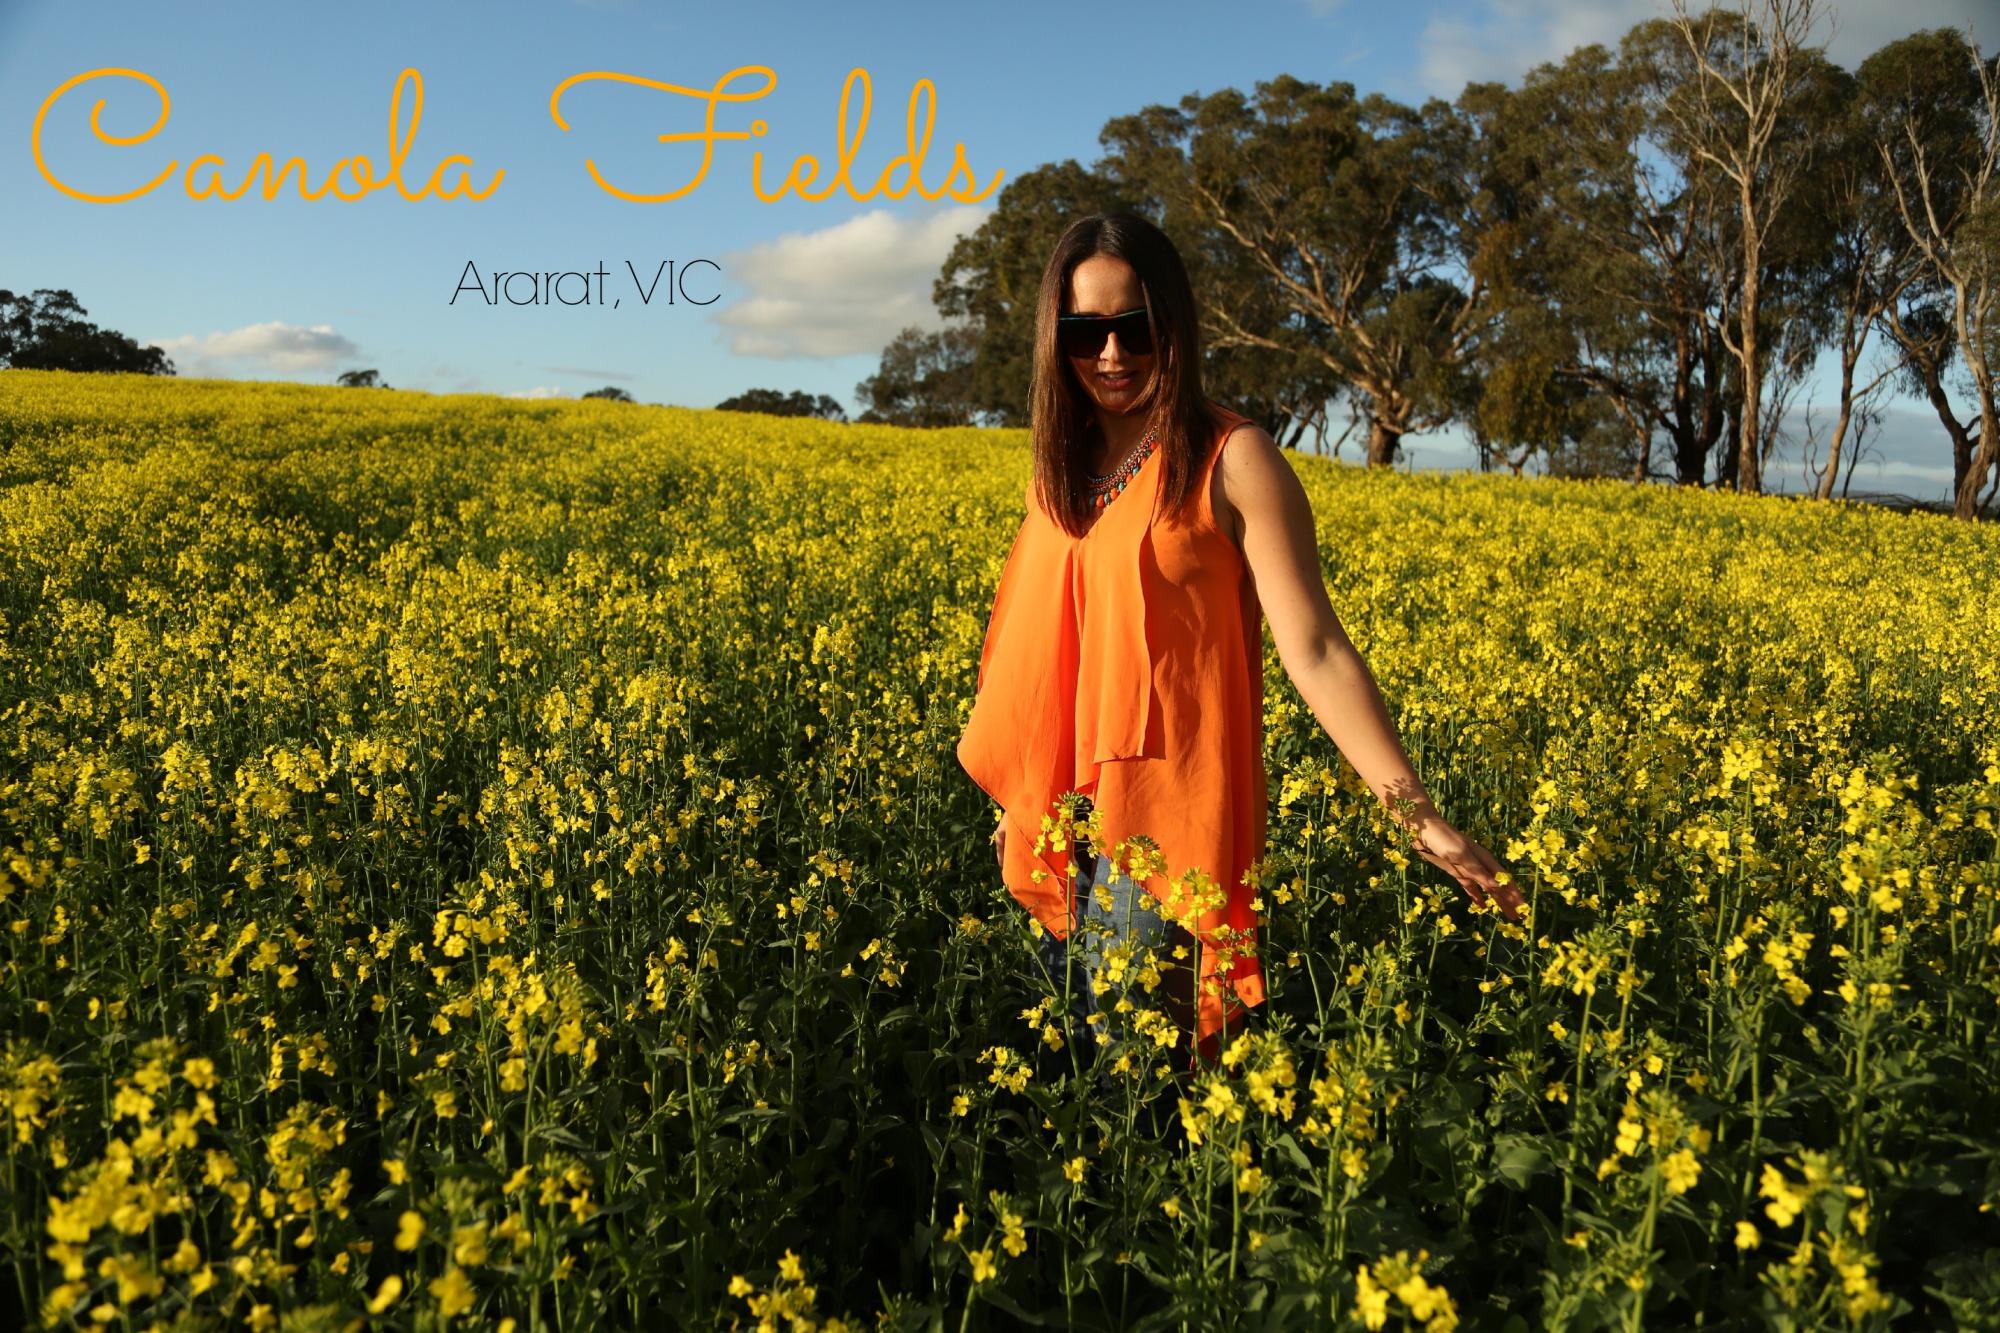 Canola fields, fashion clothing, adventure, mango necklace